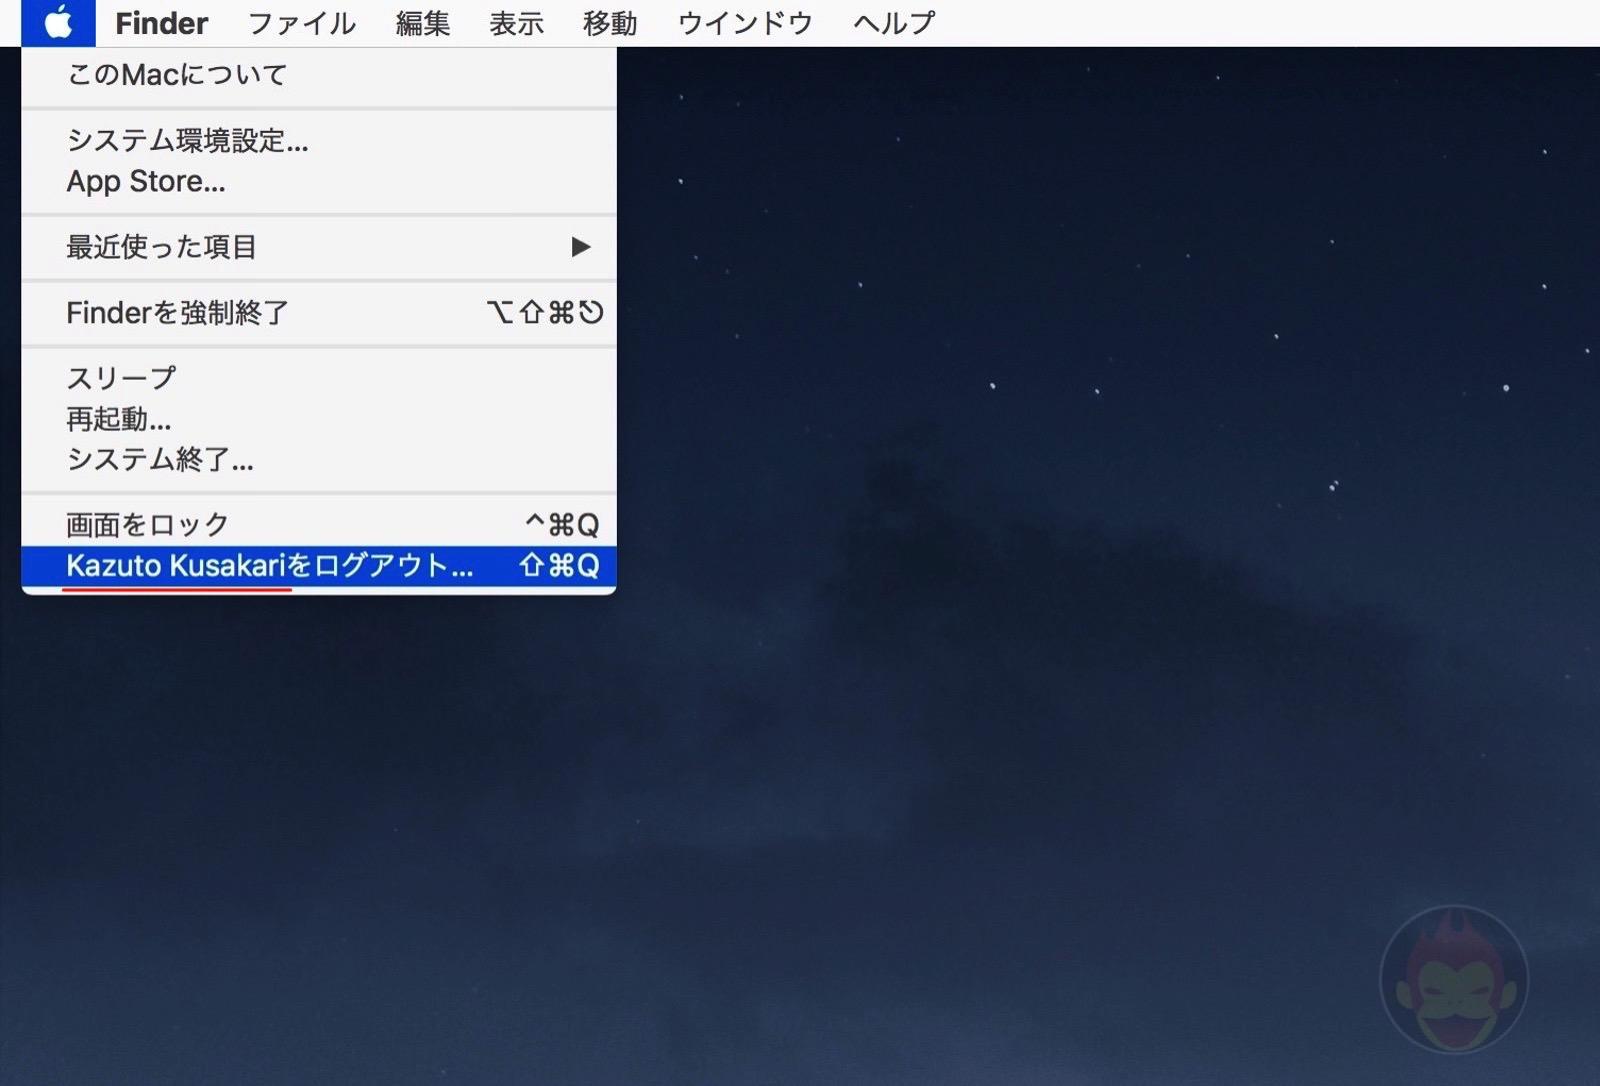 Full-Name-macos-2.jpg